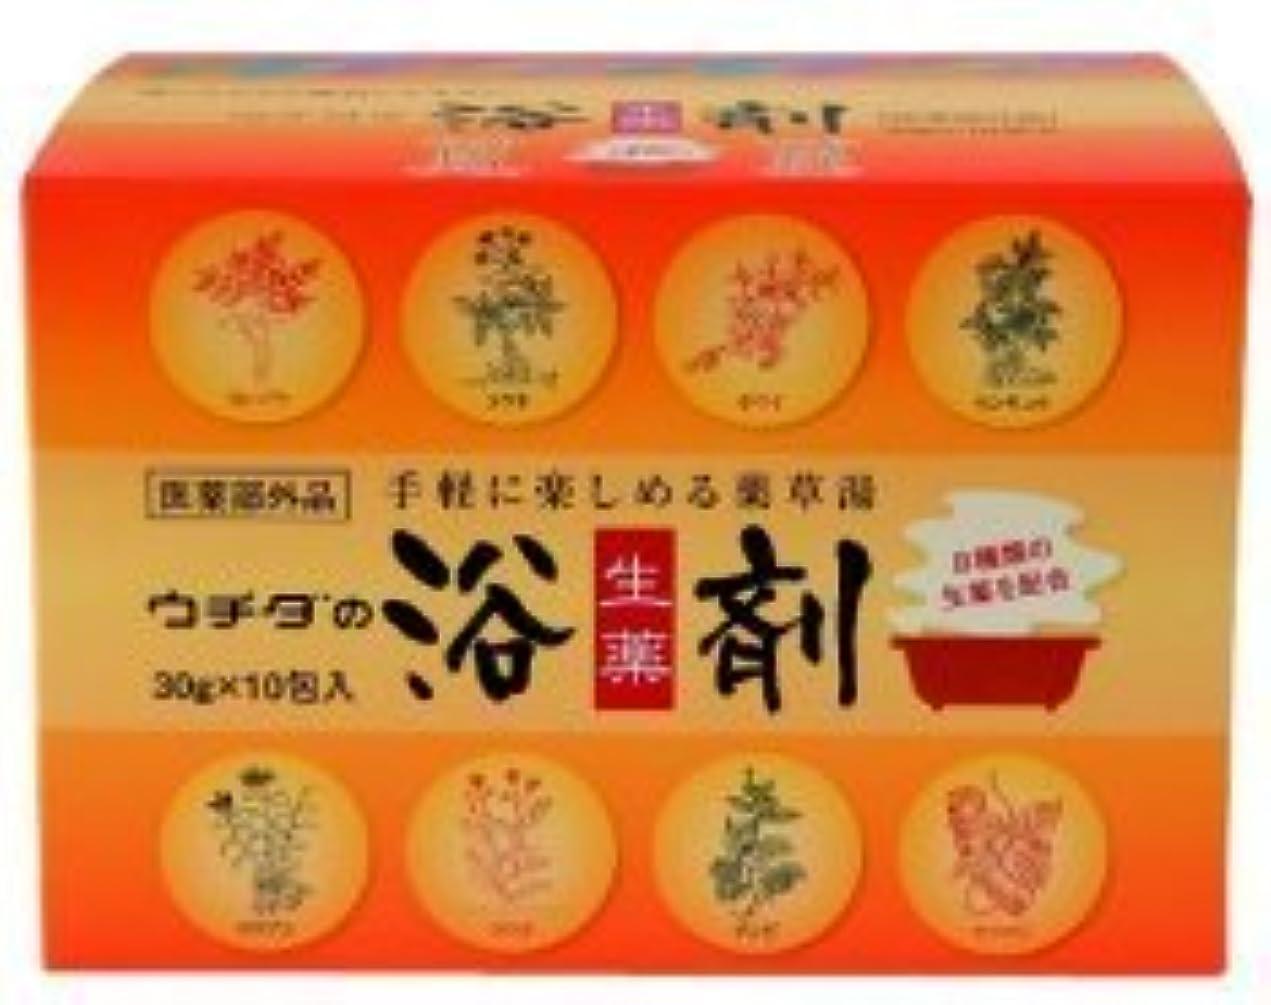 入射忘れっぽいジャンクション〔ウチダ和漢薬〕ウチダの浴剤(30g×10包入)×2個セット+1包おまけ